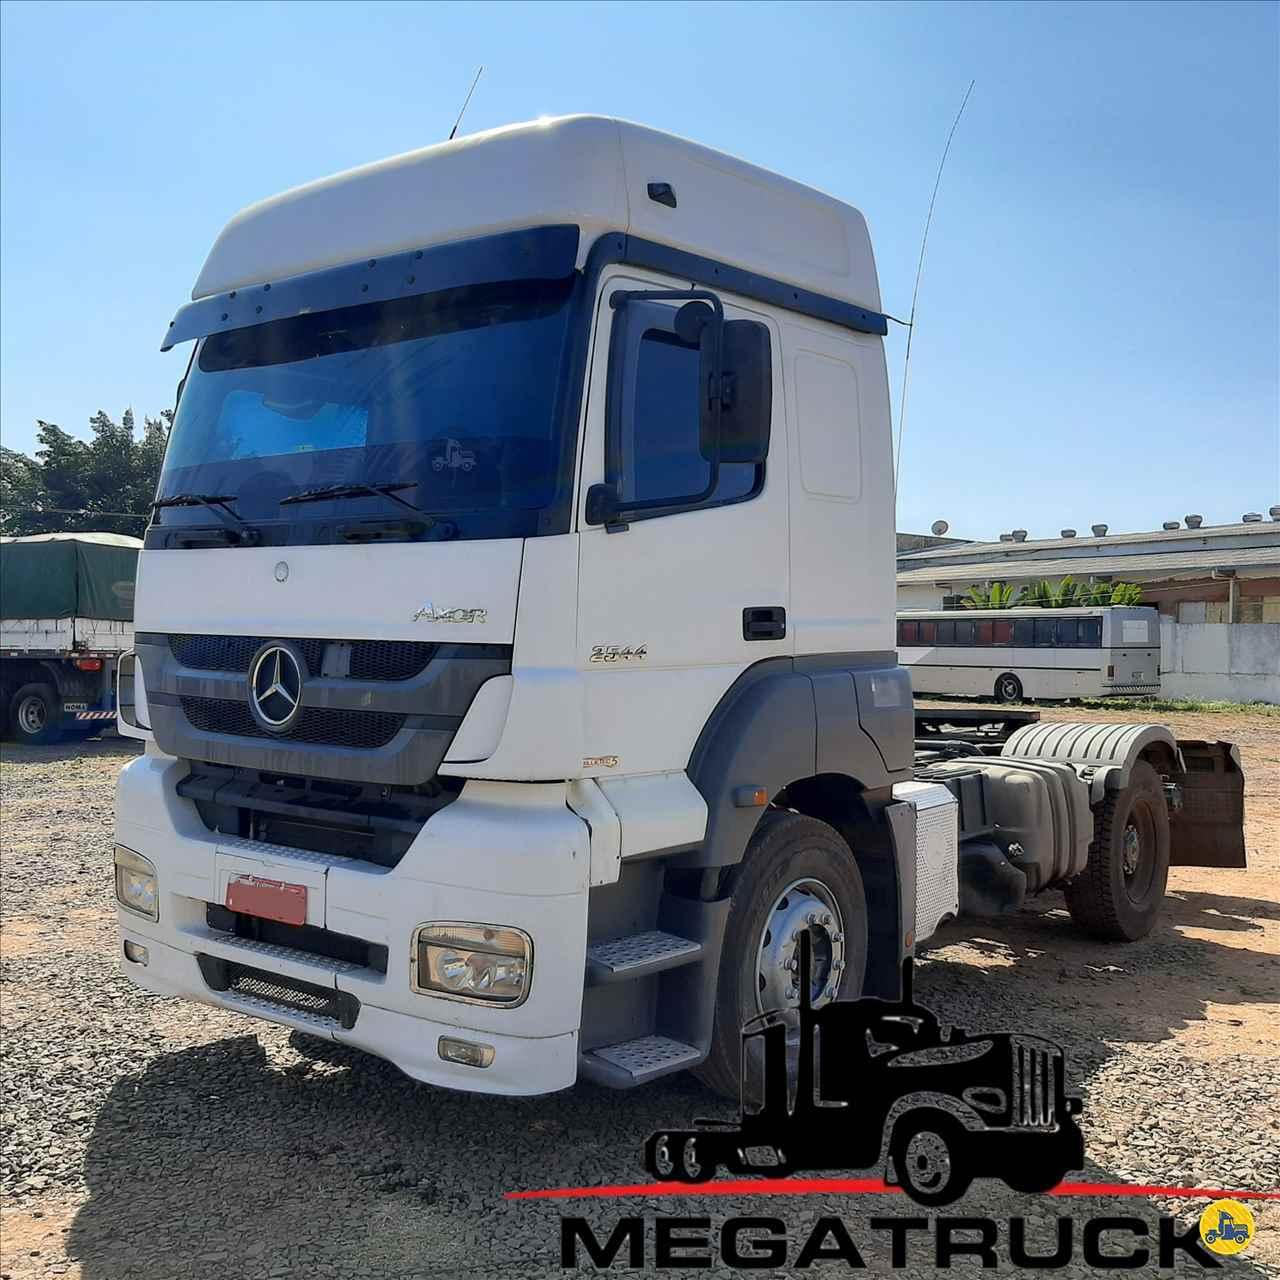 MB 2544 de Megatruck Caminhões e Máquinas - CAMPO GRANDE/MS